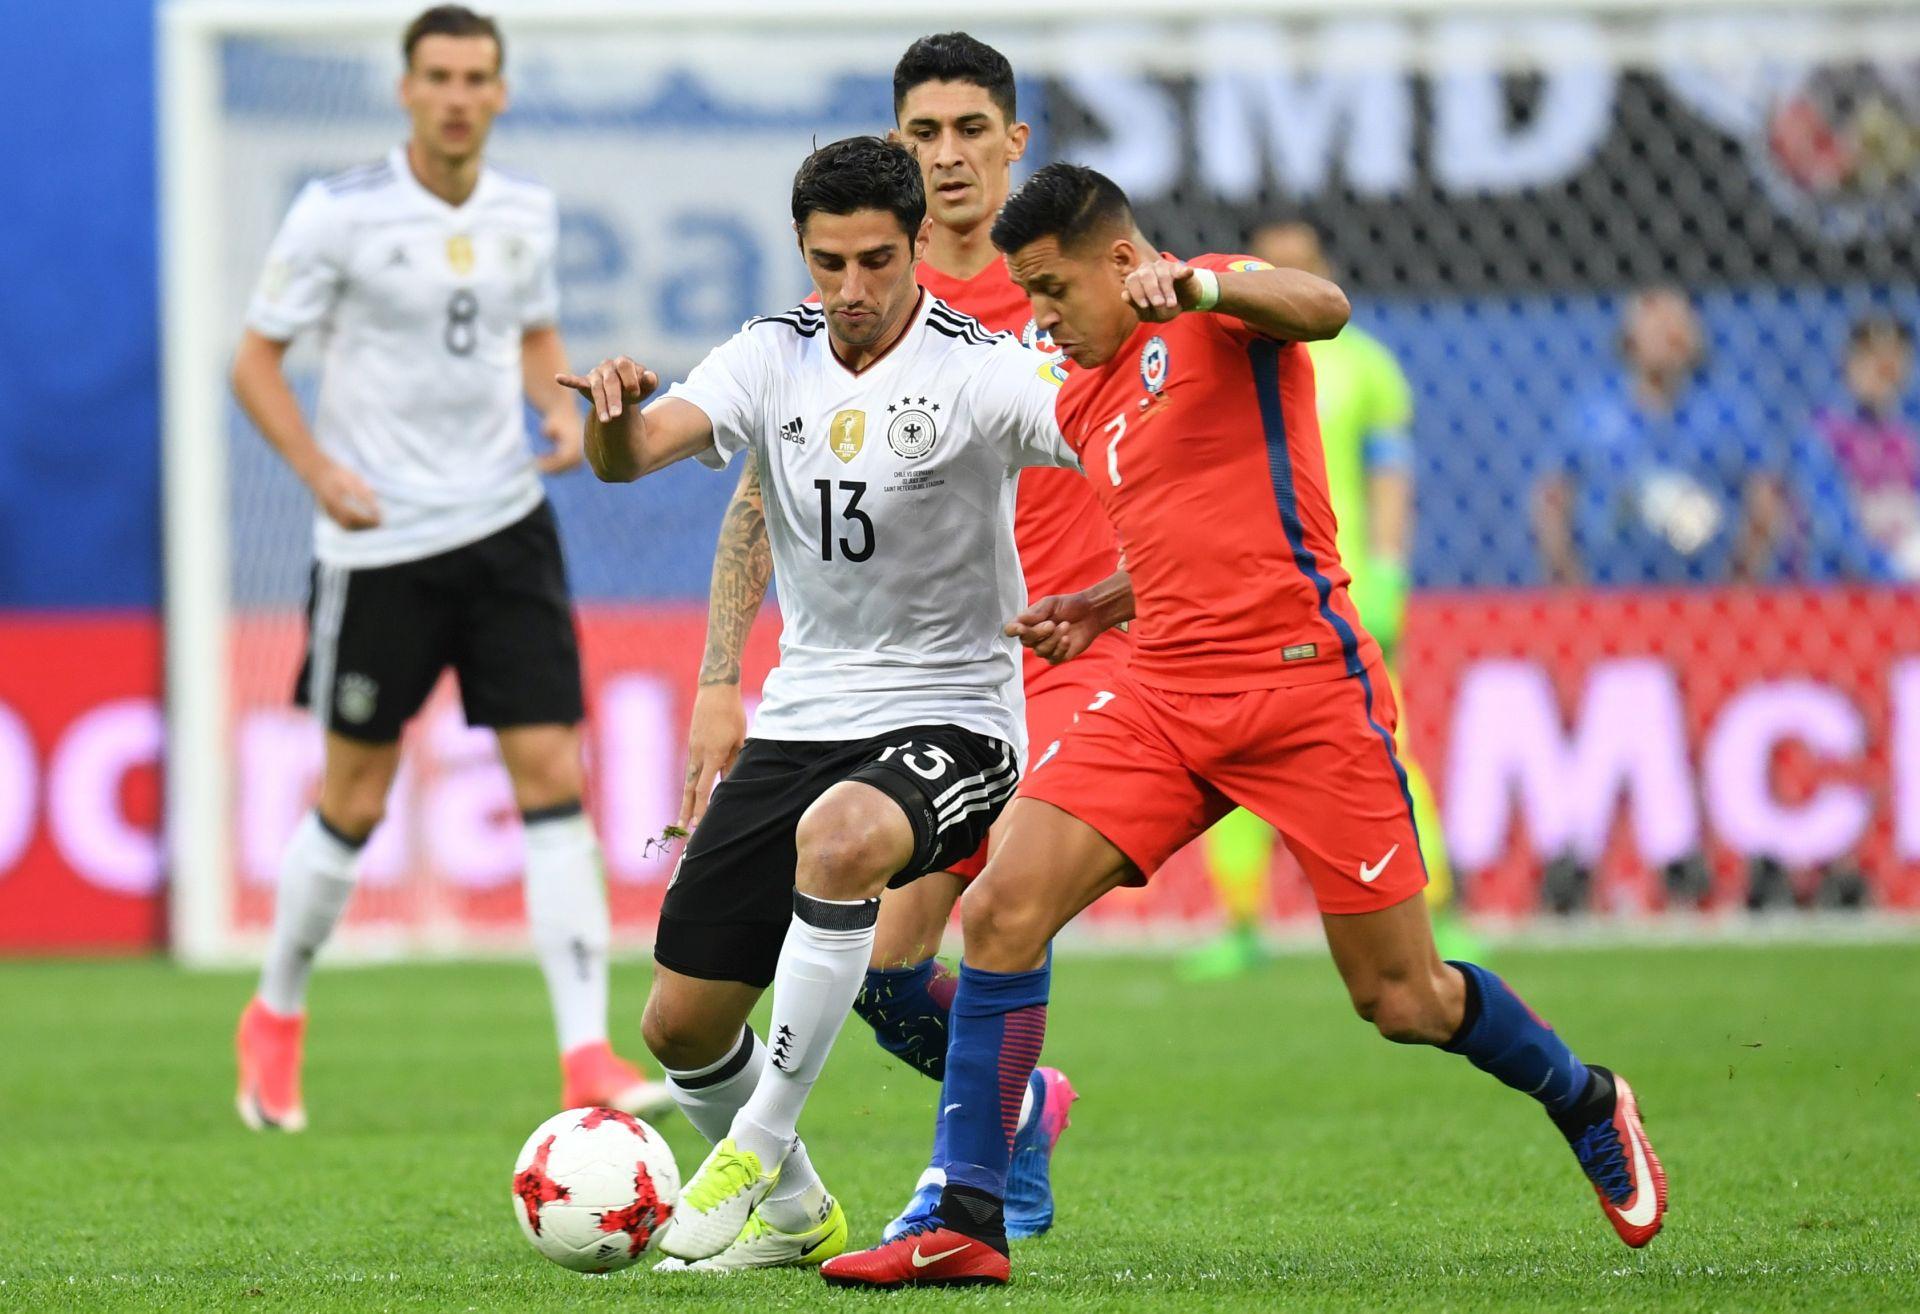 KUP KONFEDERACIJA Njemačka osvojila prvo mjesto